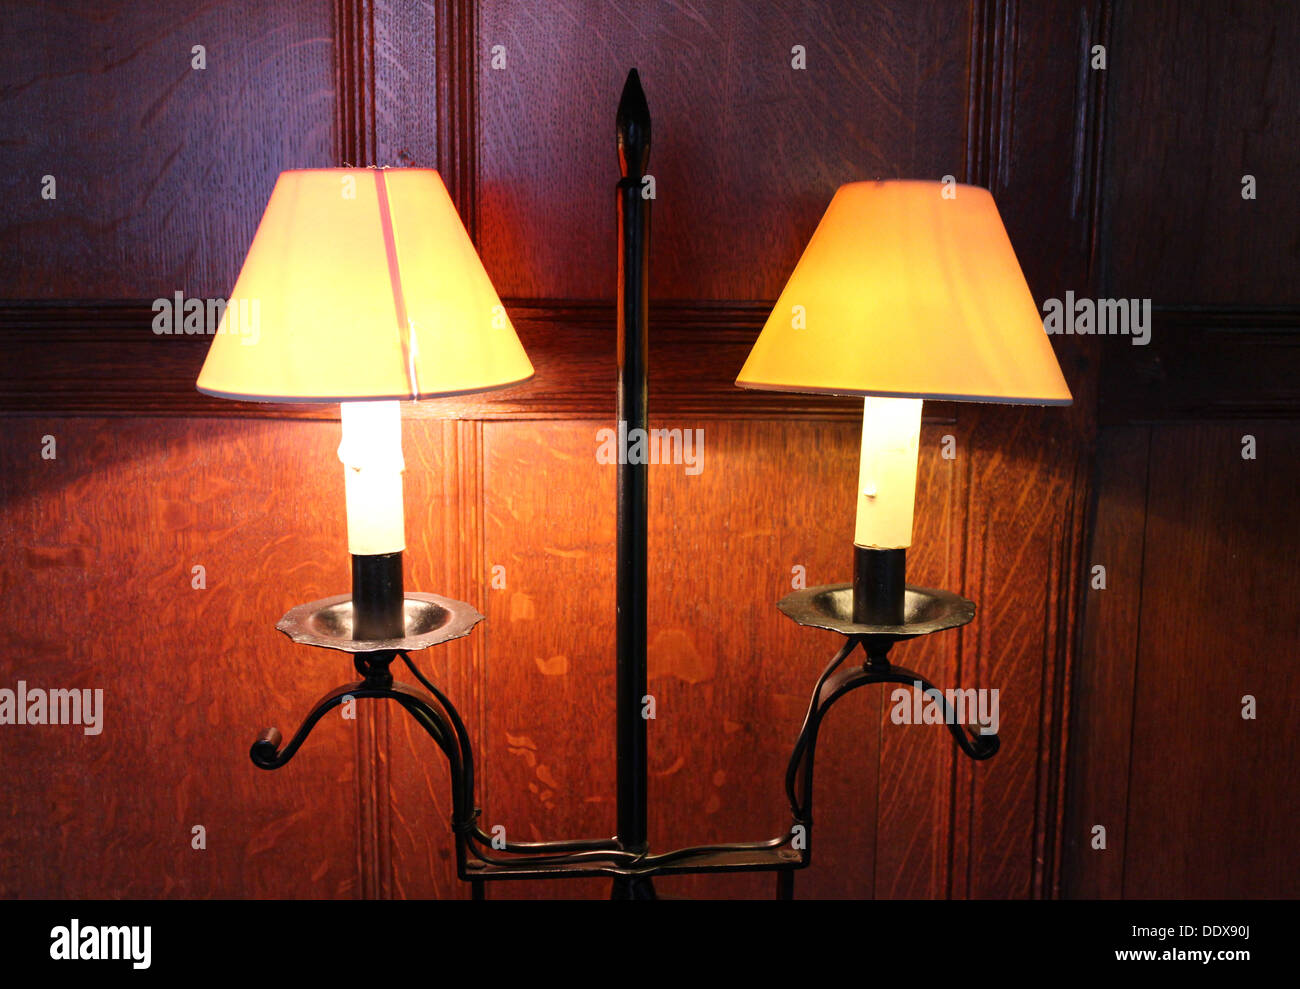 Dos lámparas eléctricas de 1920 montado en la pared con paneles de madera en el fondo Imagen De Stock